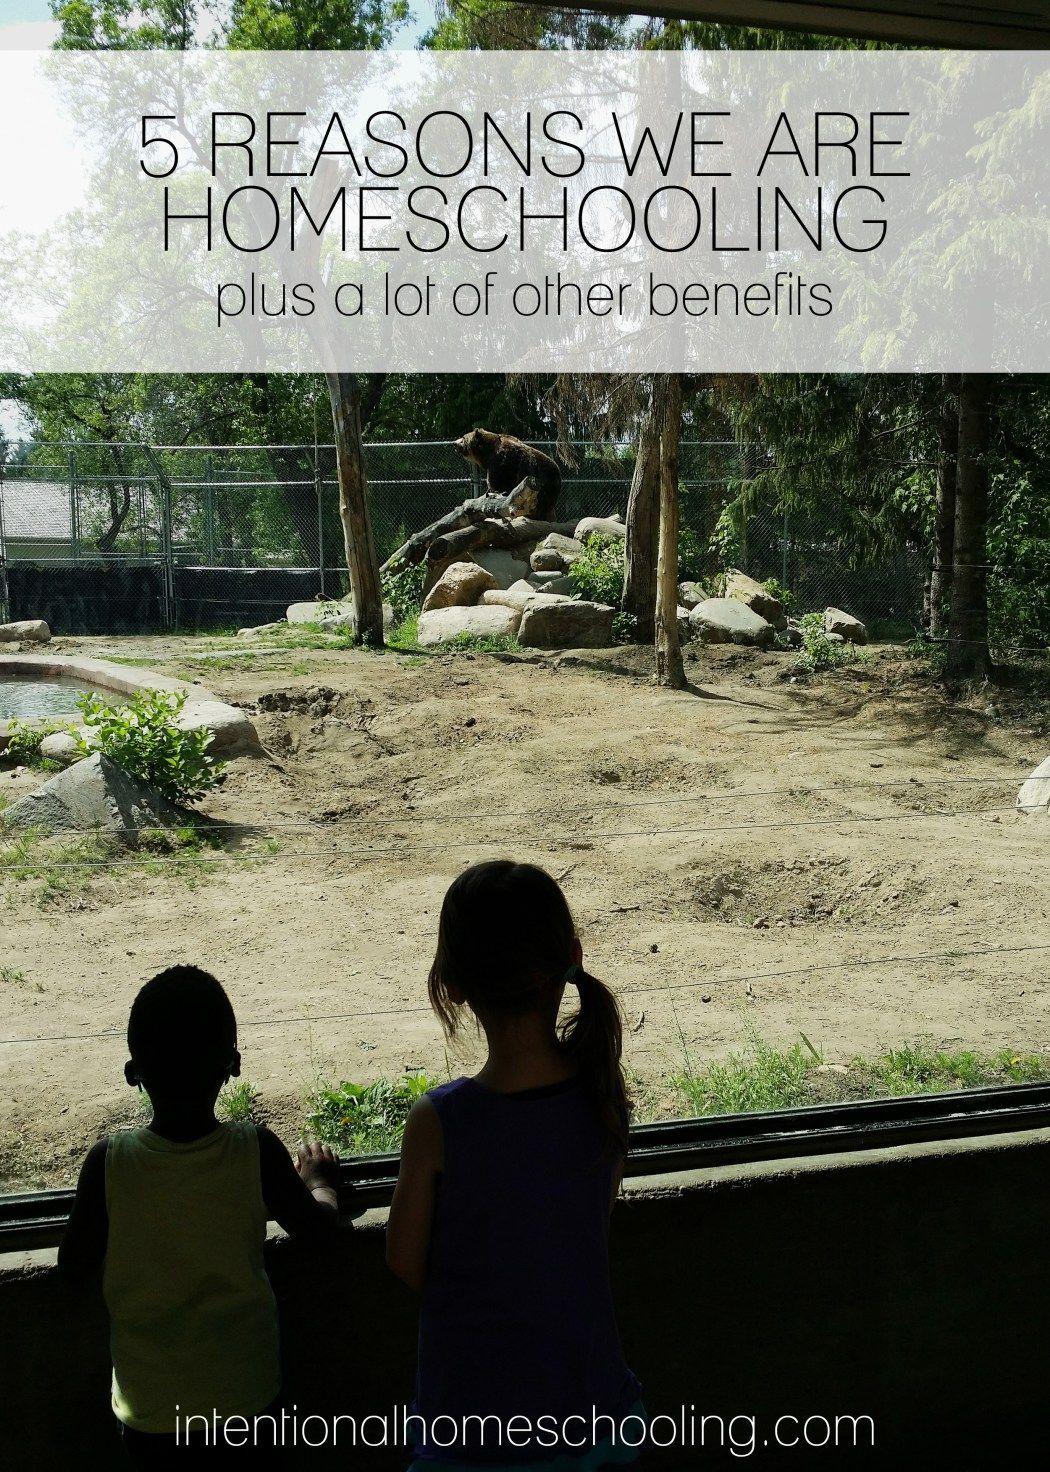 5 Reasons We Are Choosing To Homeschool